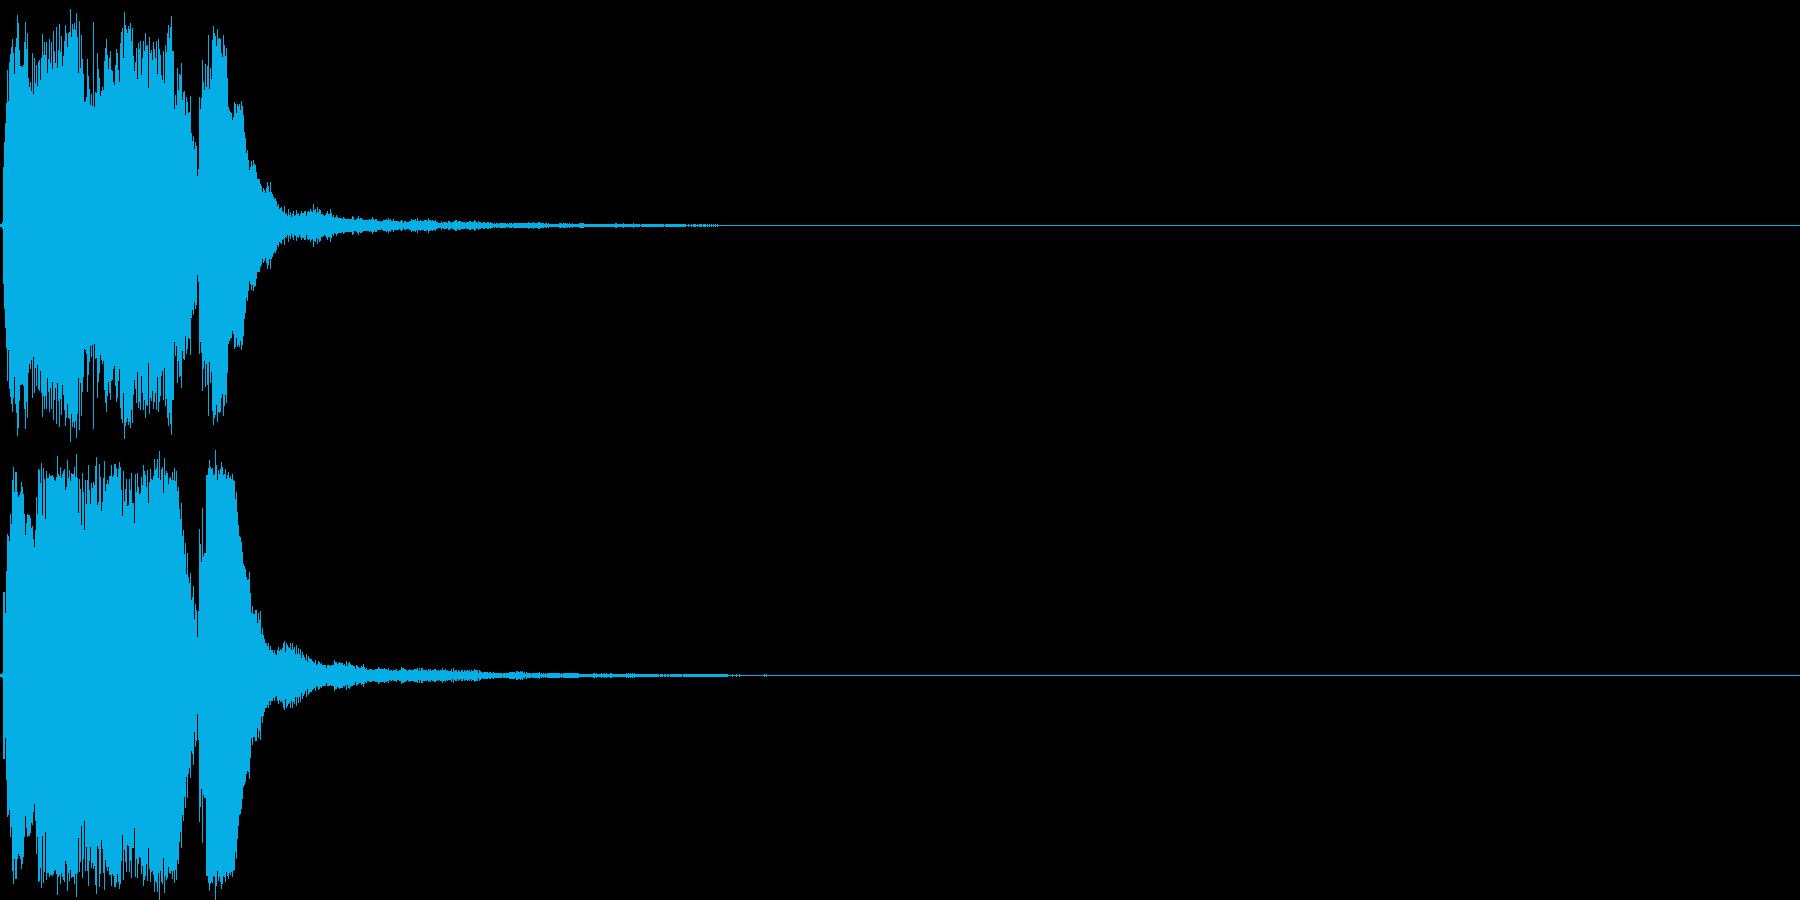 ファンファーレ 当たり 正解 合格 04の再生済みの波形